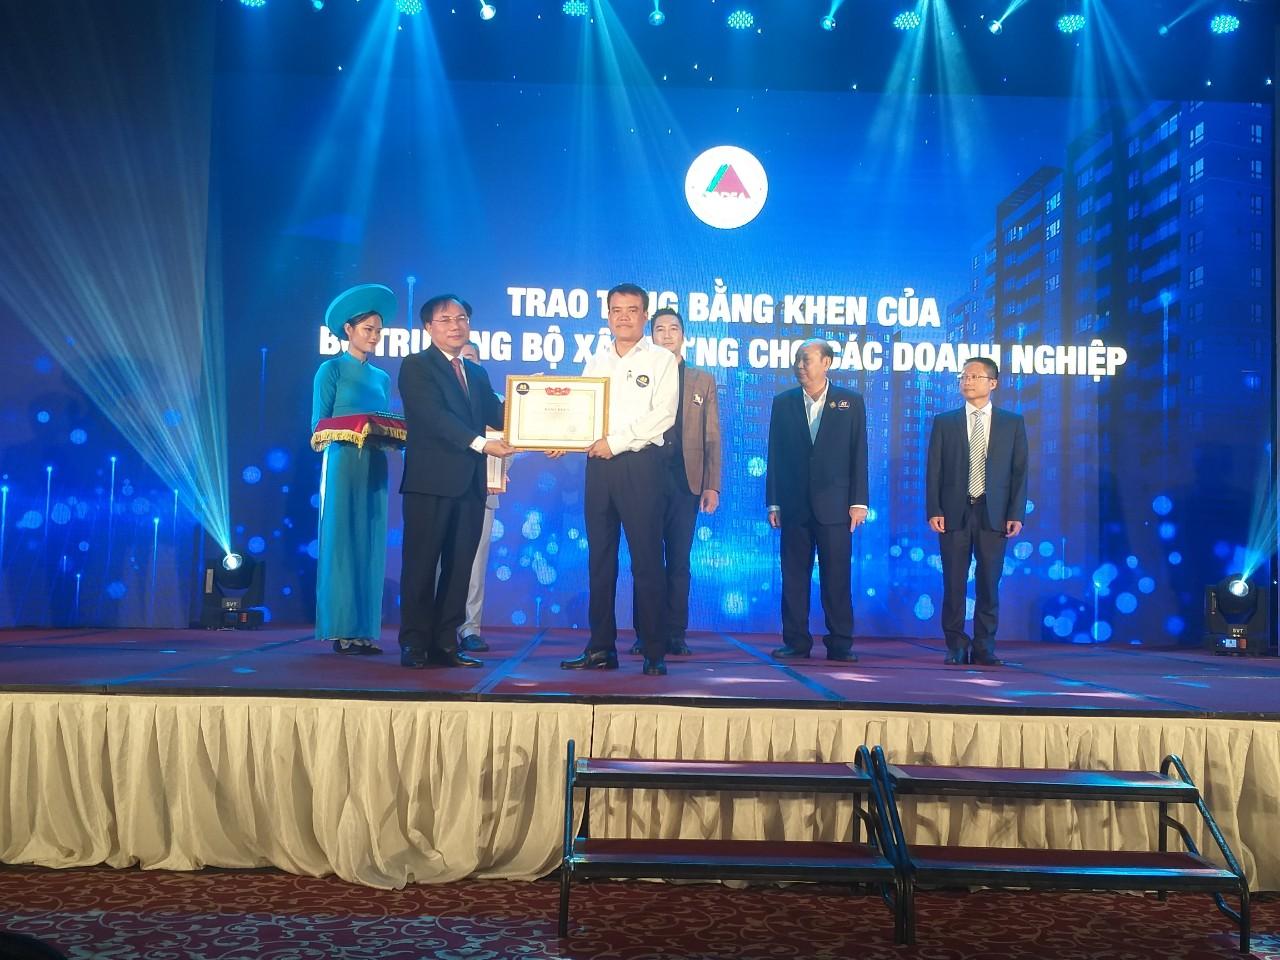 Công ty CONSTREXIM - HOD nhận bằng khen của Bộ Xây dựng đã có những thành tích vào sự phát triển của Hiệp hội Bất động sản Việt Nam năm 2019